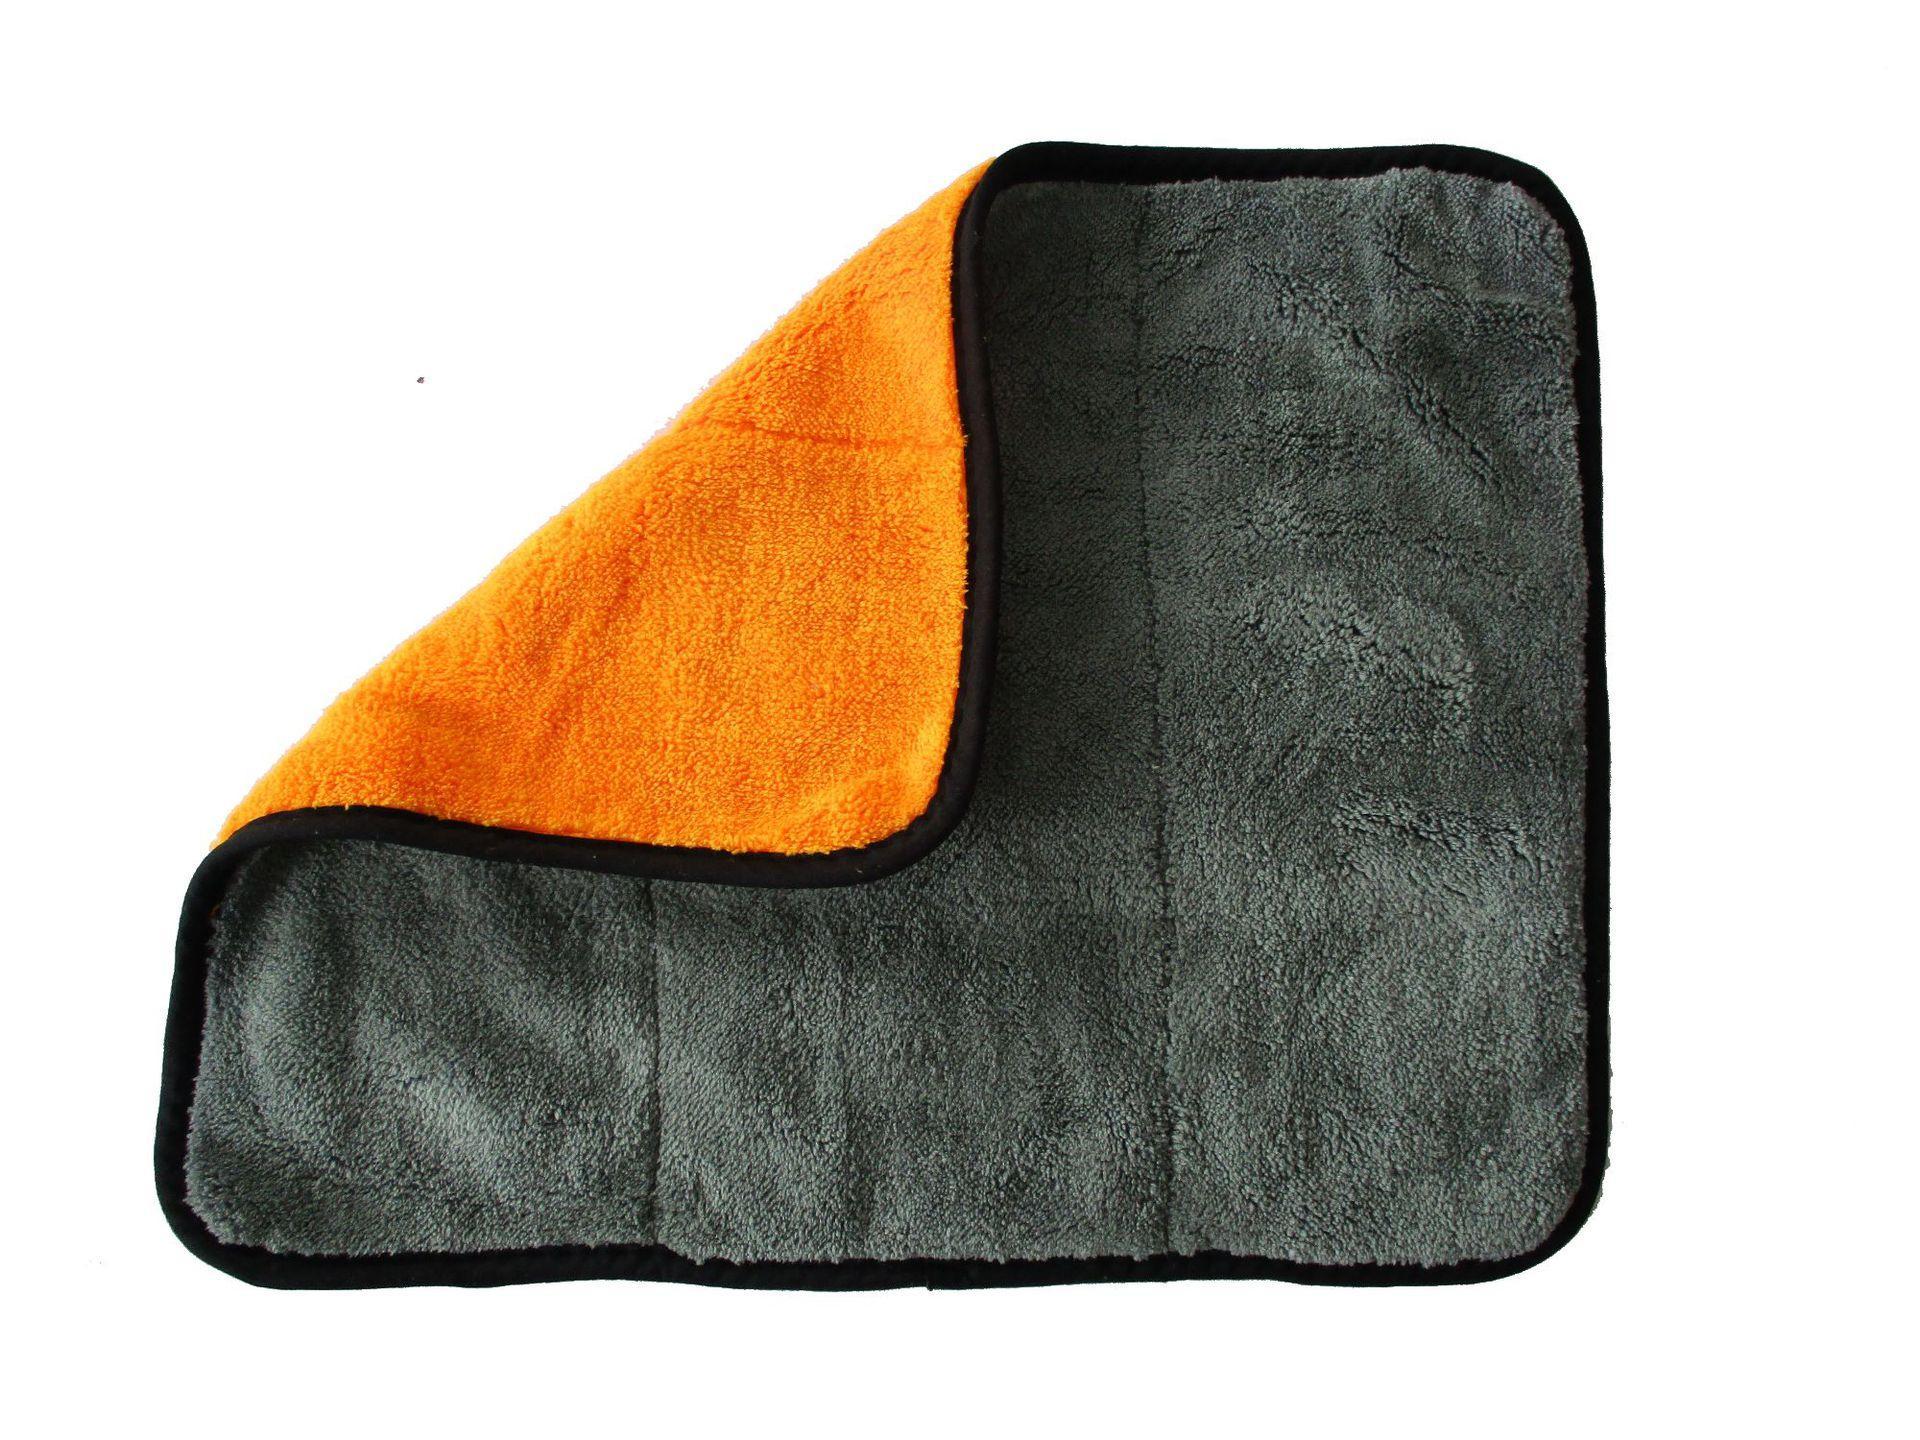 new4 45cmx38cm Super Thick Plush de microfibra carro limpeza Panos Car Care microfibra cera de polimento Detalhamento Toalhas